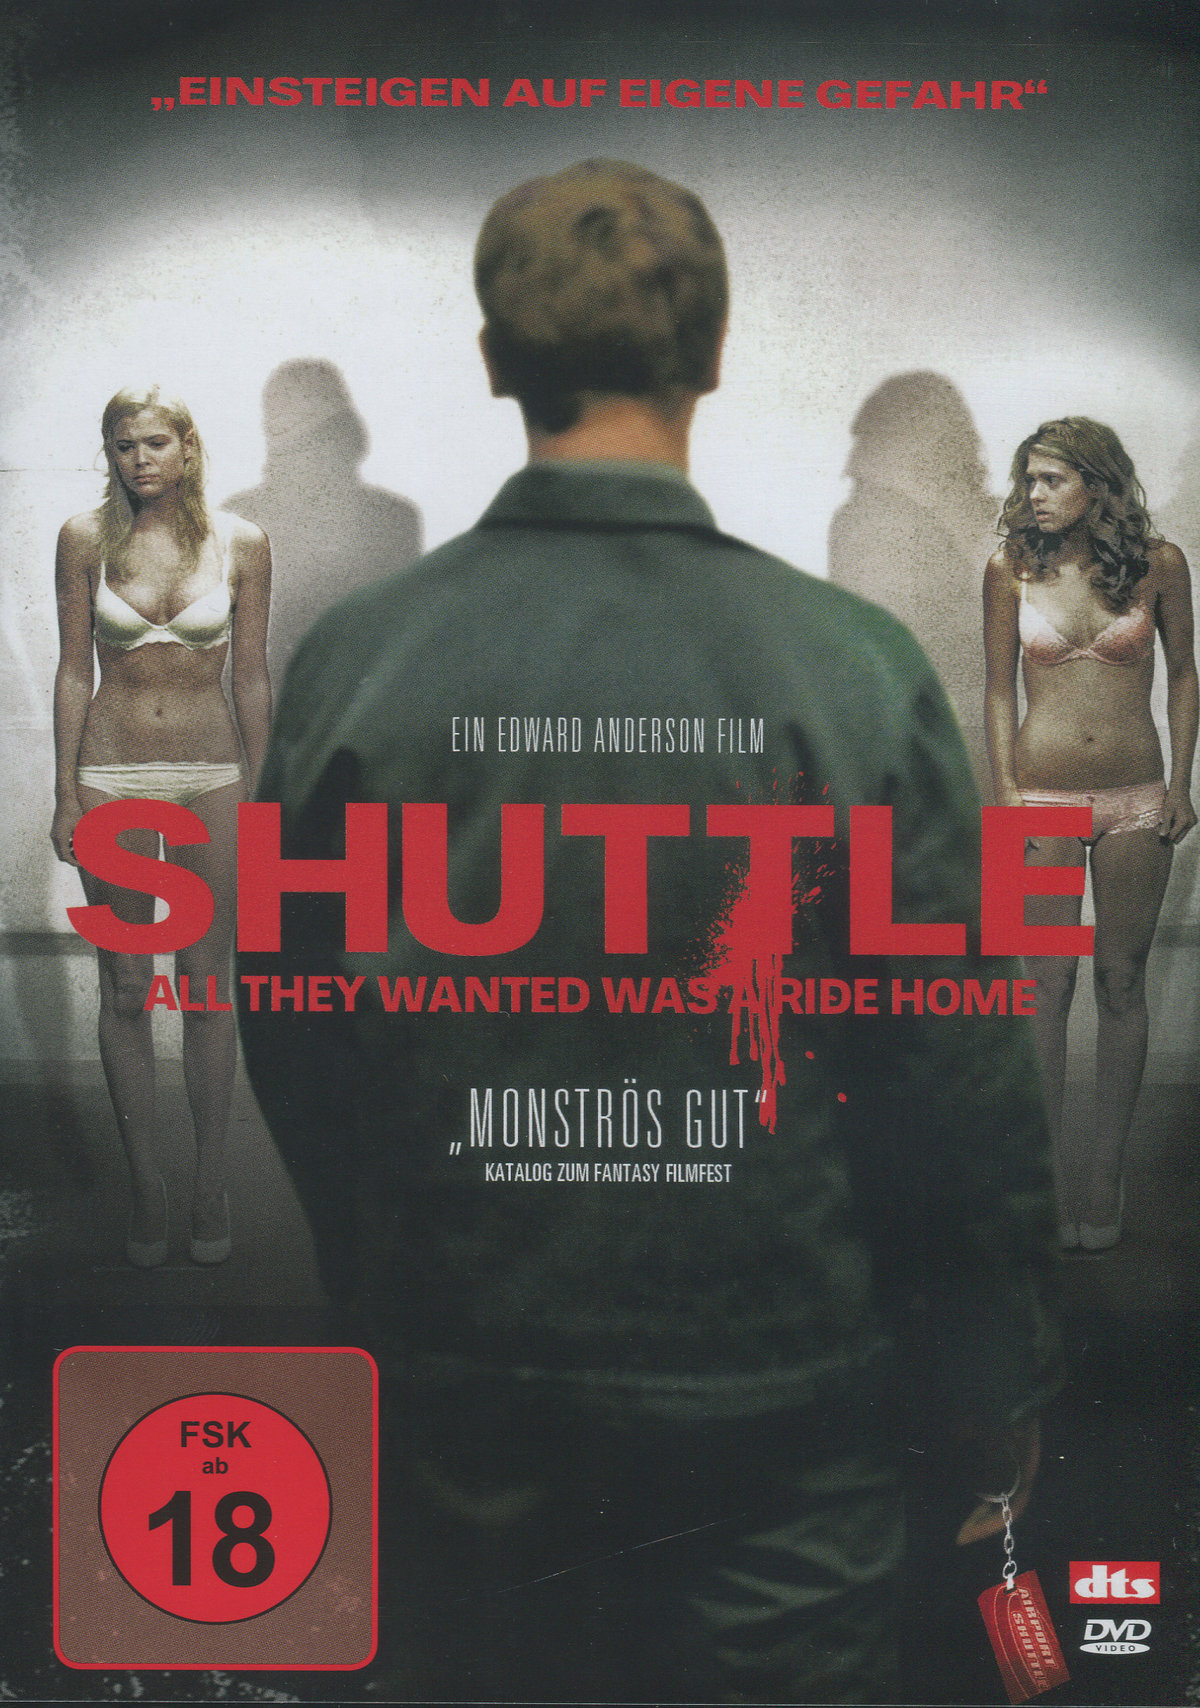 Bild Shuttle (2008)